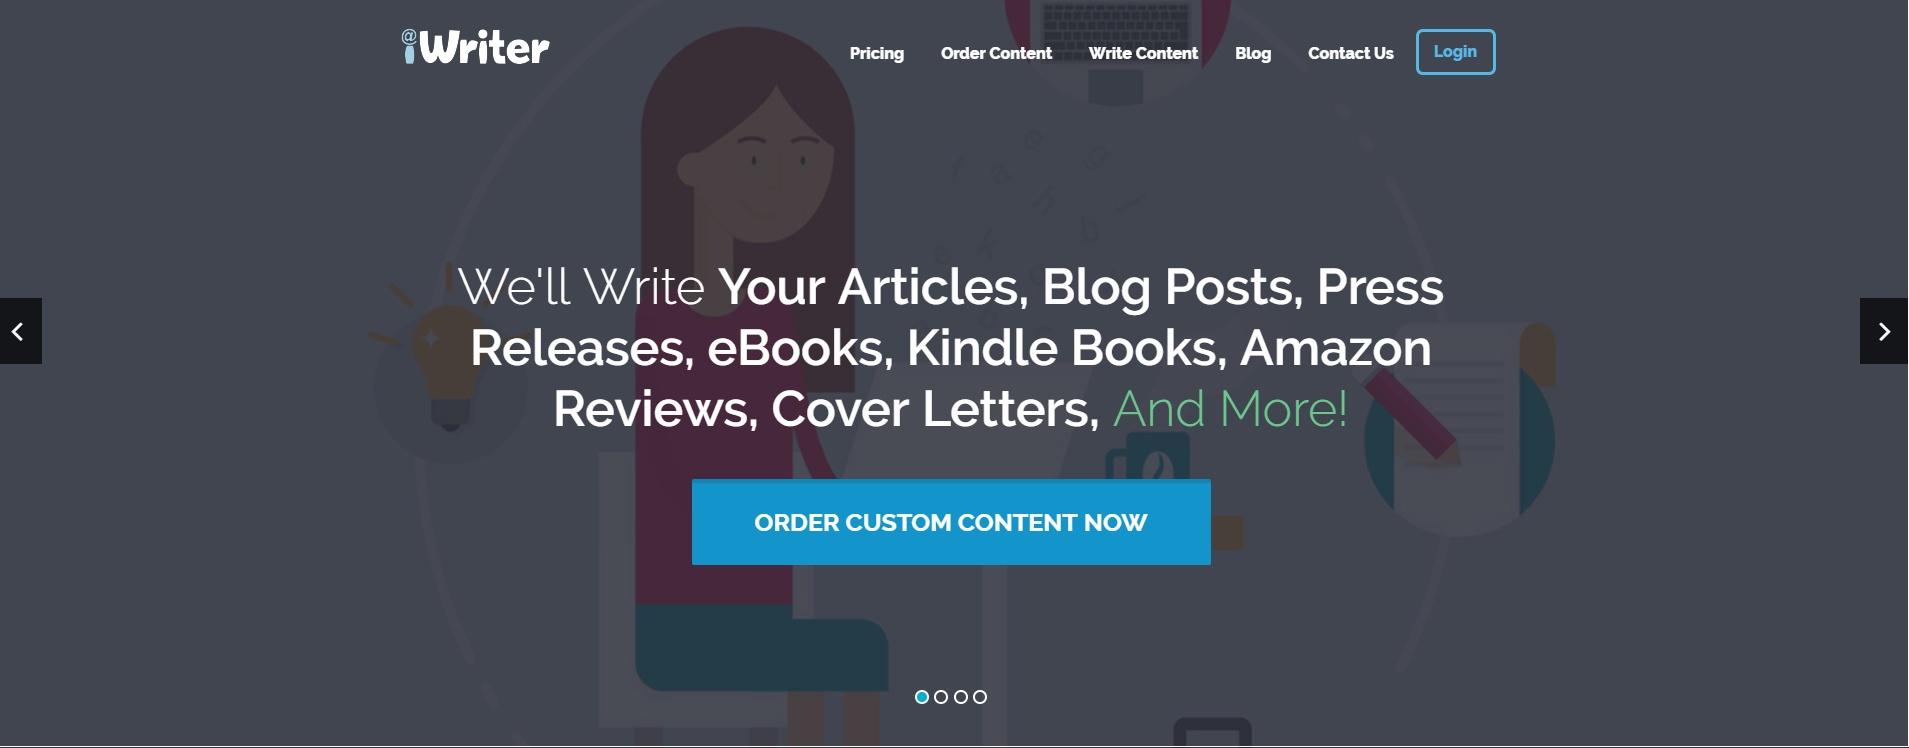 iWriter-Order-Custom-Content